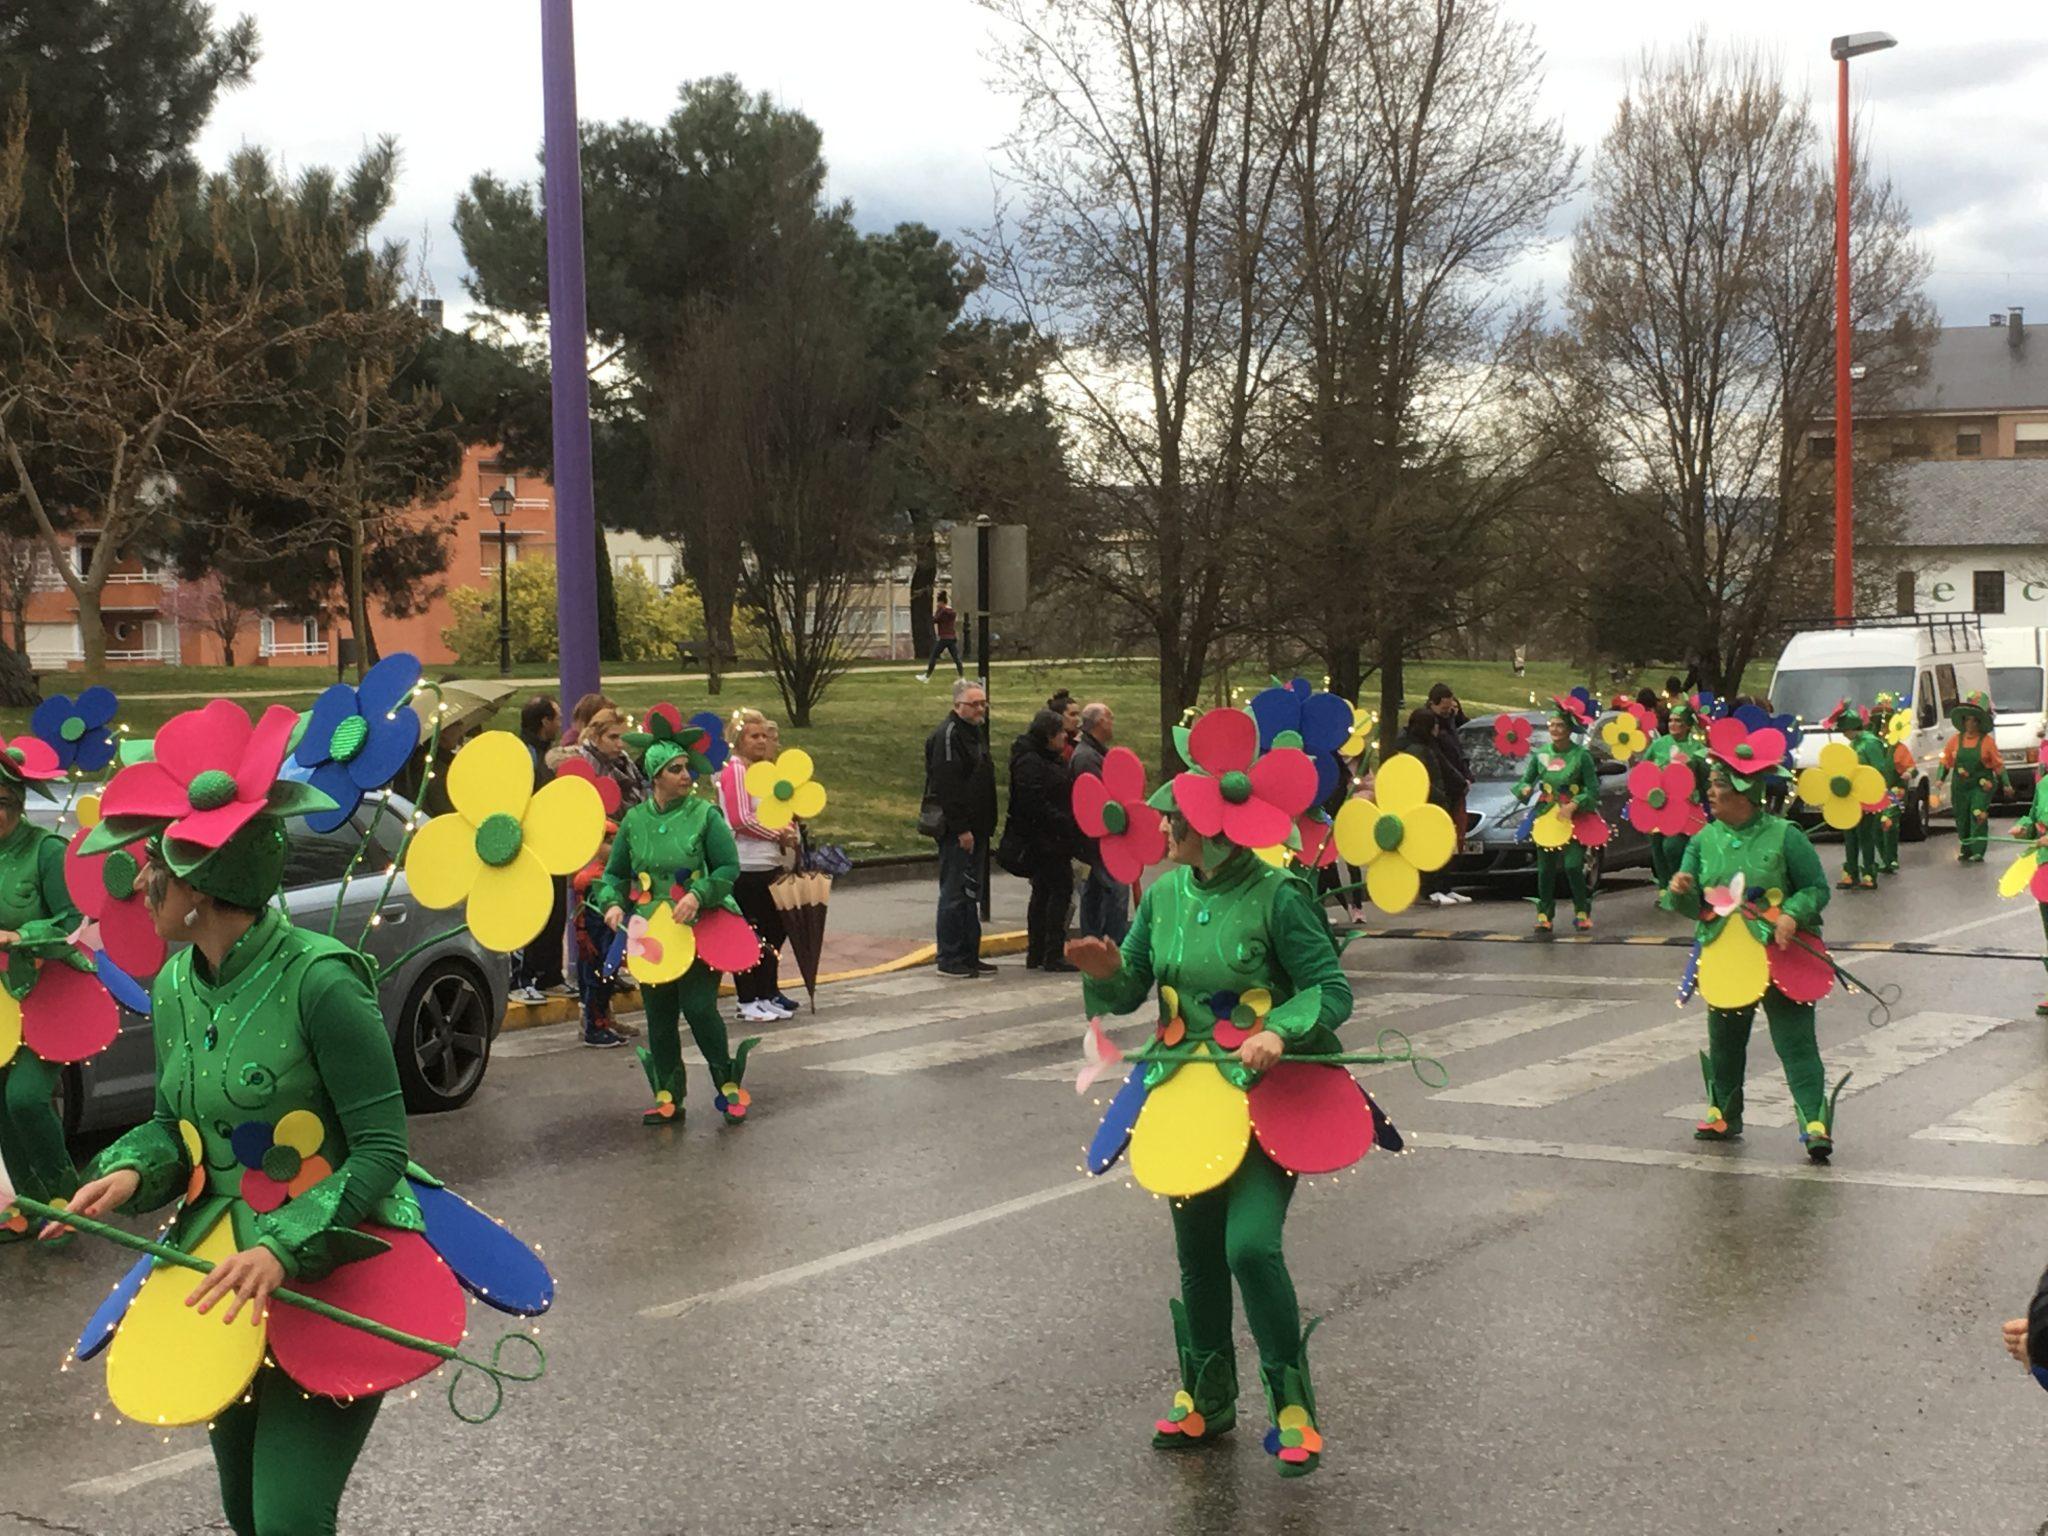 Álbum de fotos del martes de Carnaval 2019 en Ponferrada 53